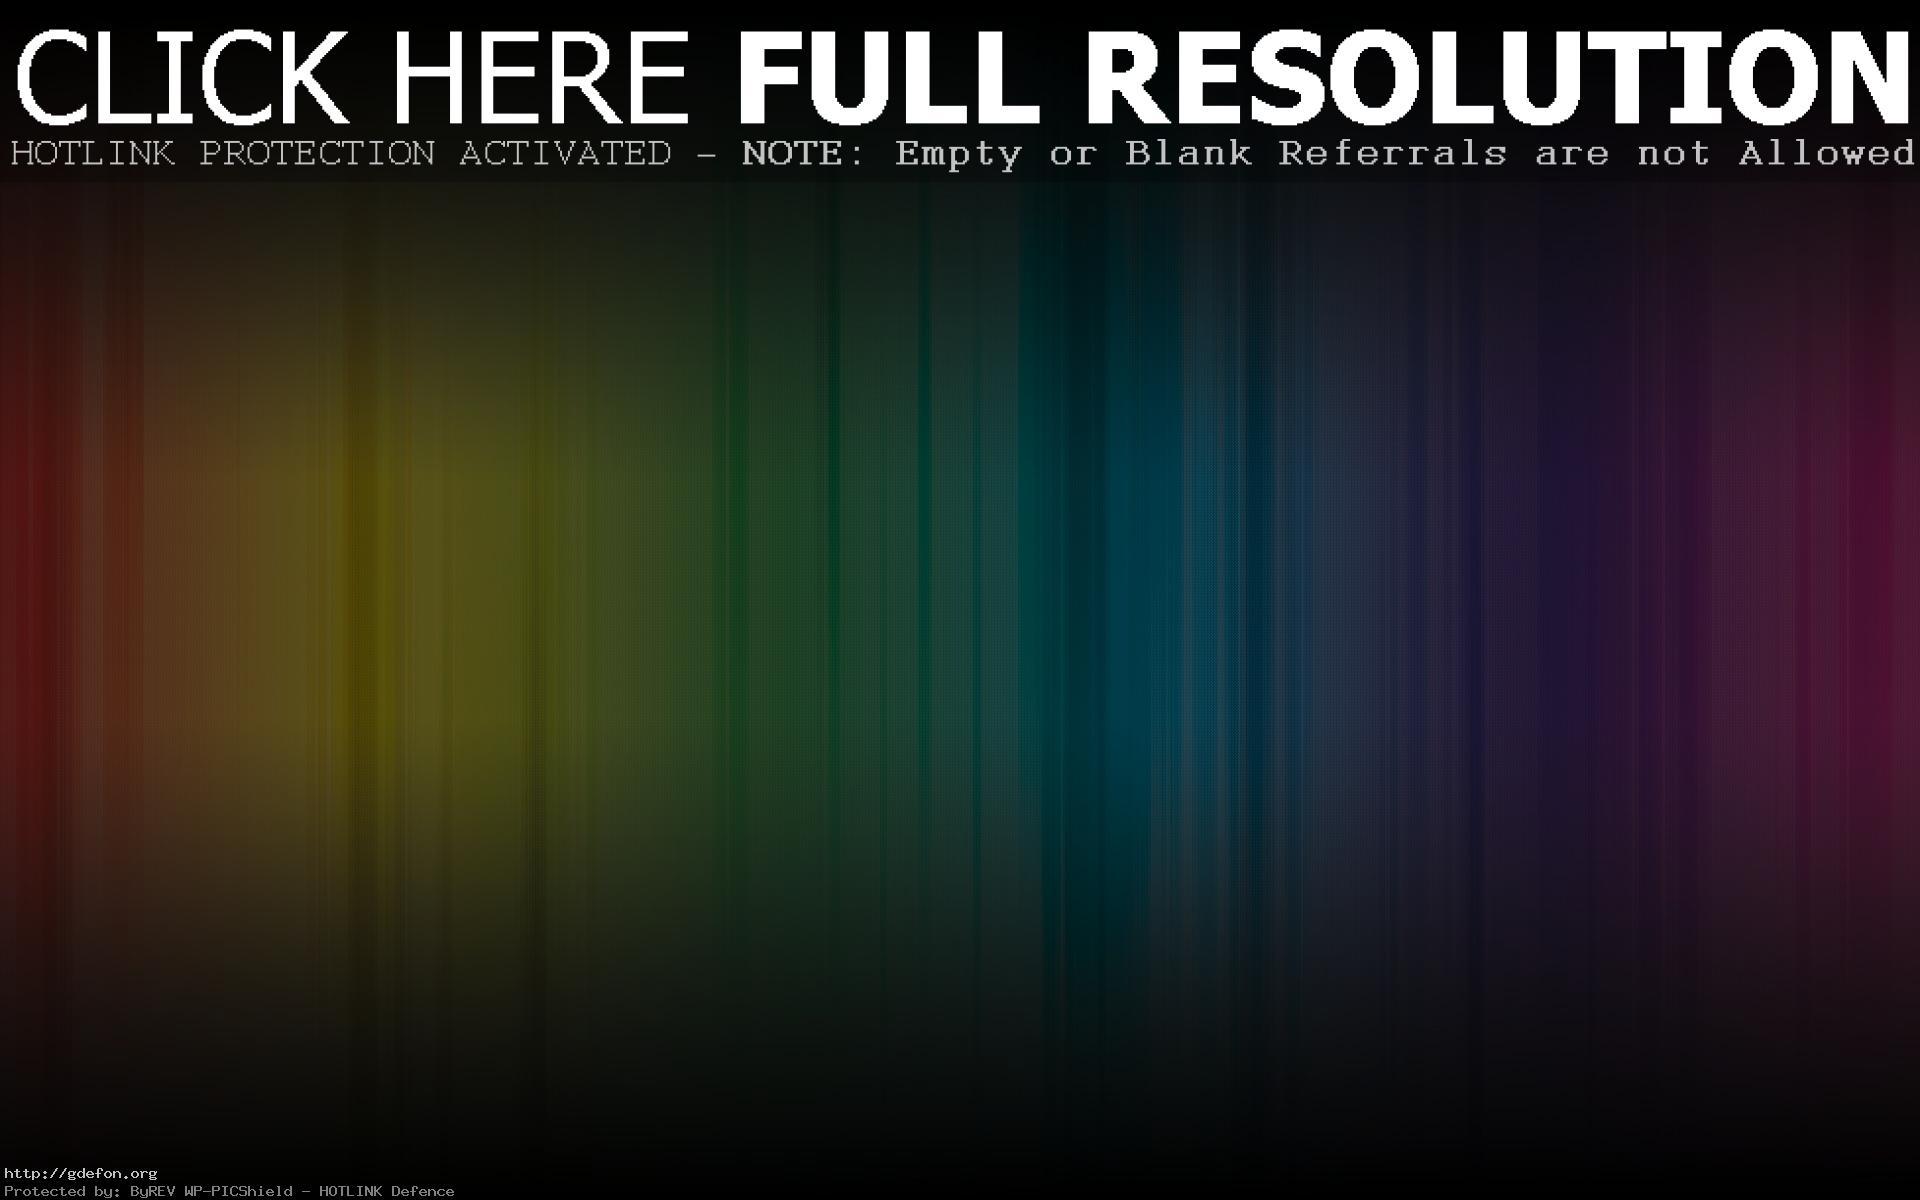 Скачать обои полосы цветов радуги на